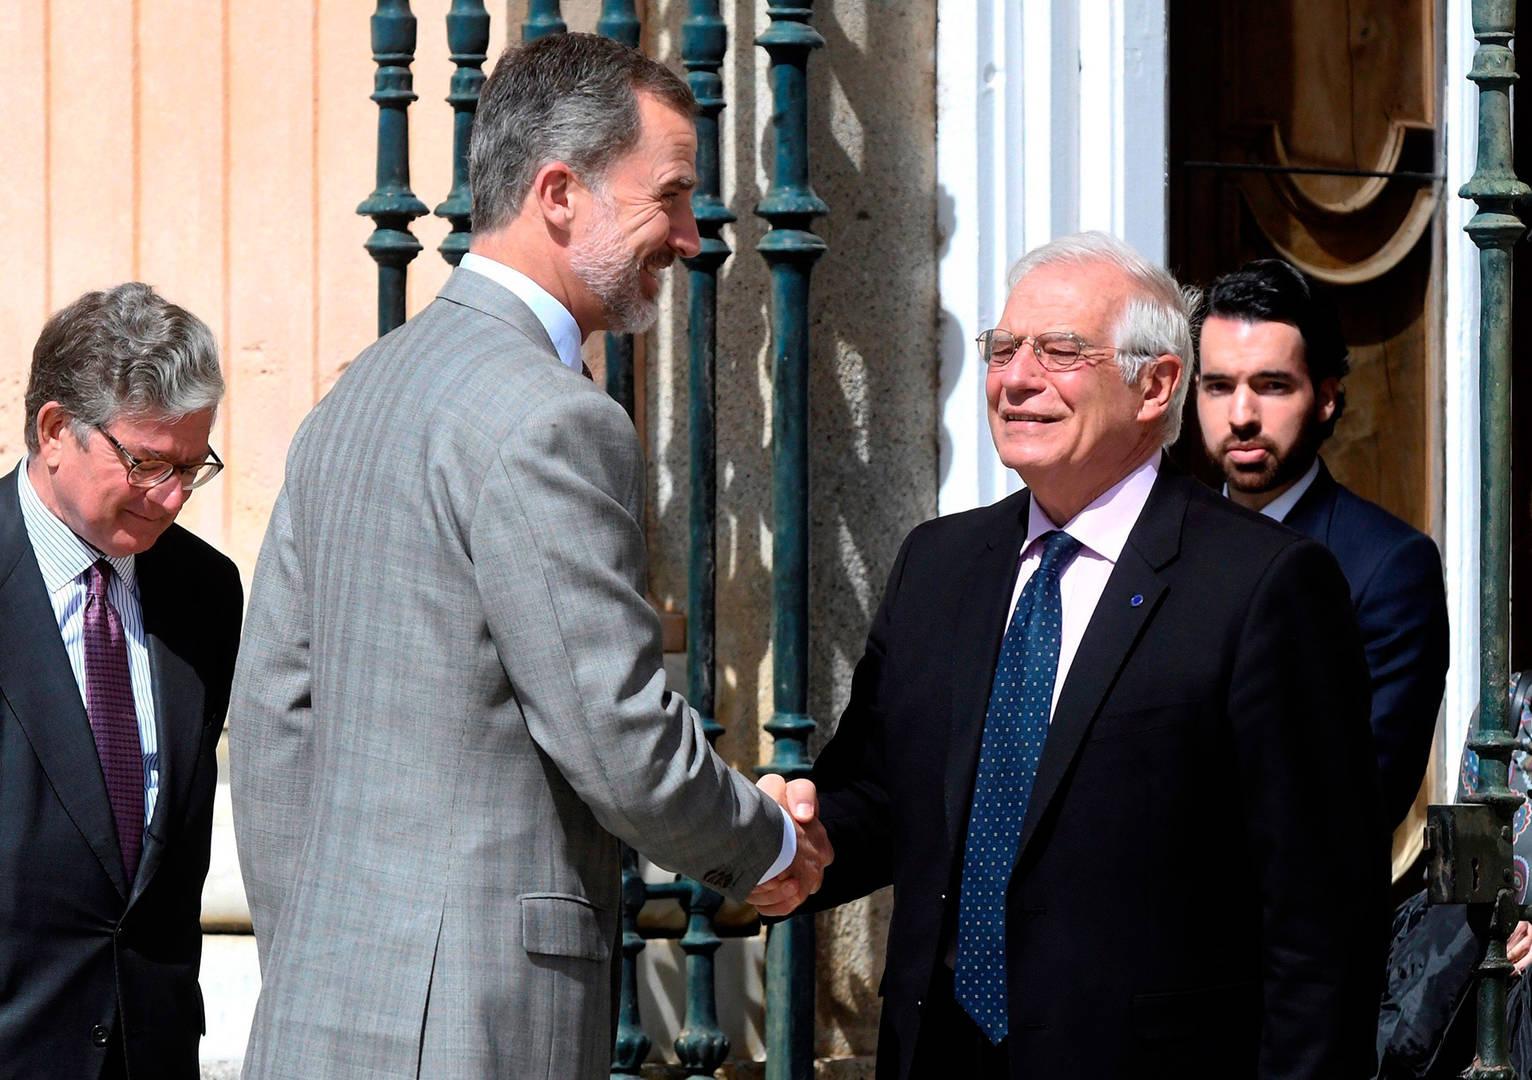 Felipe VI está legitimado para encargar la formación de gobierno al socialista José Borrell